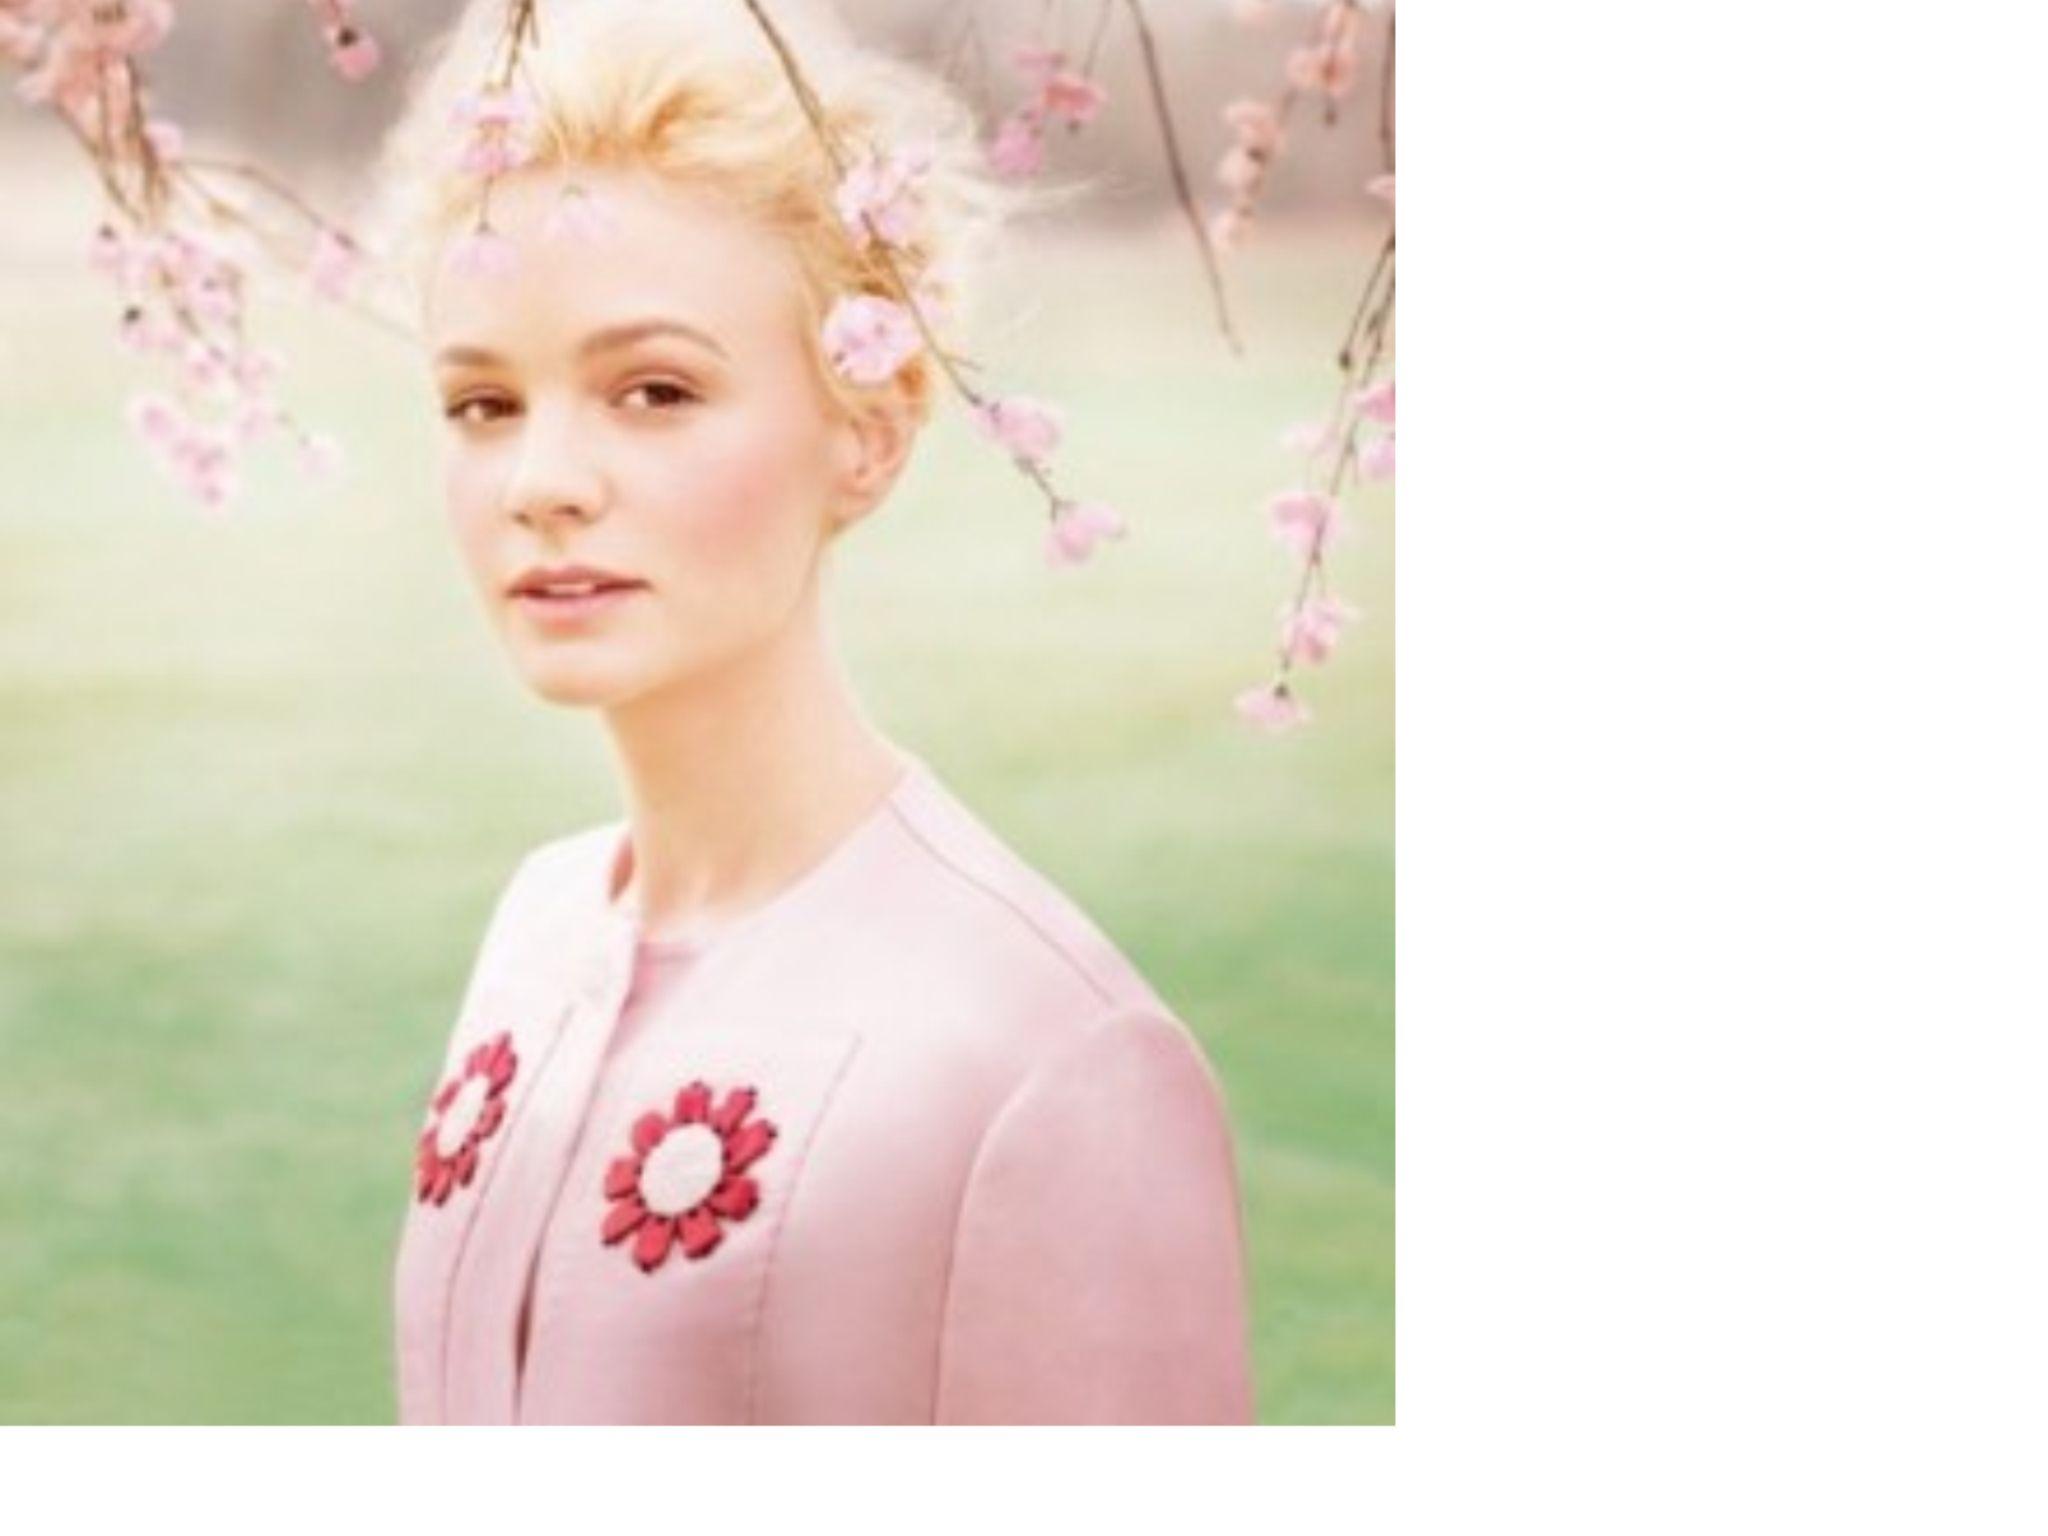 Pink carey mulligan | ///pink pink pink/// | Pinterest Carey Mulligan